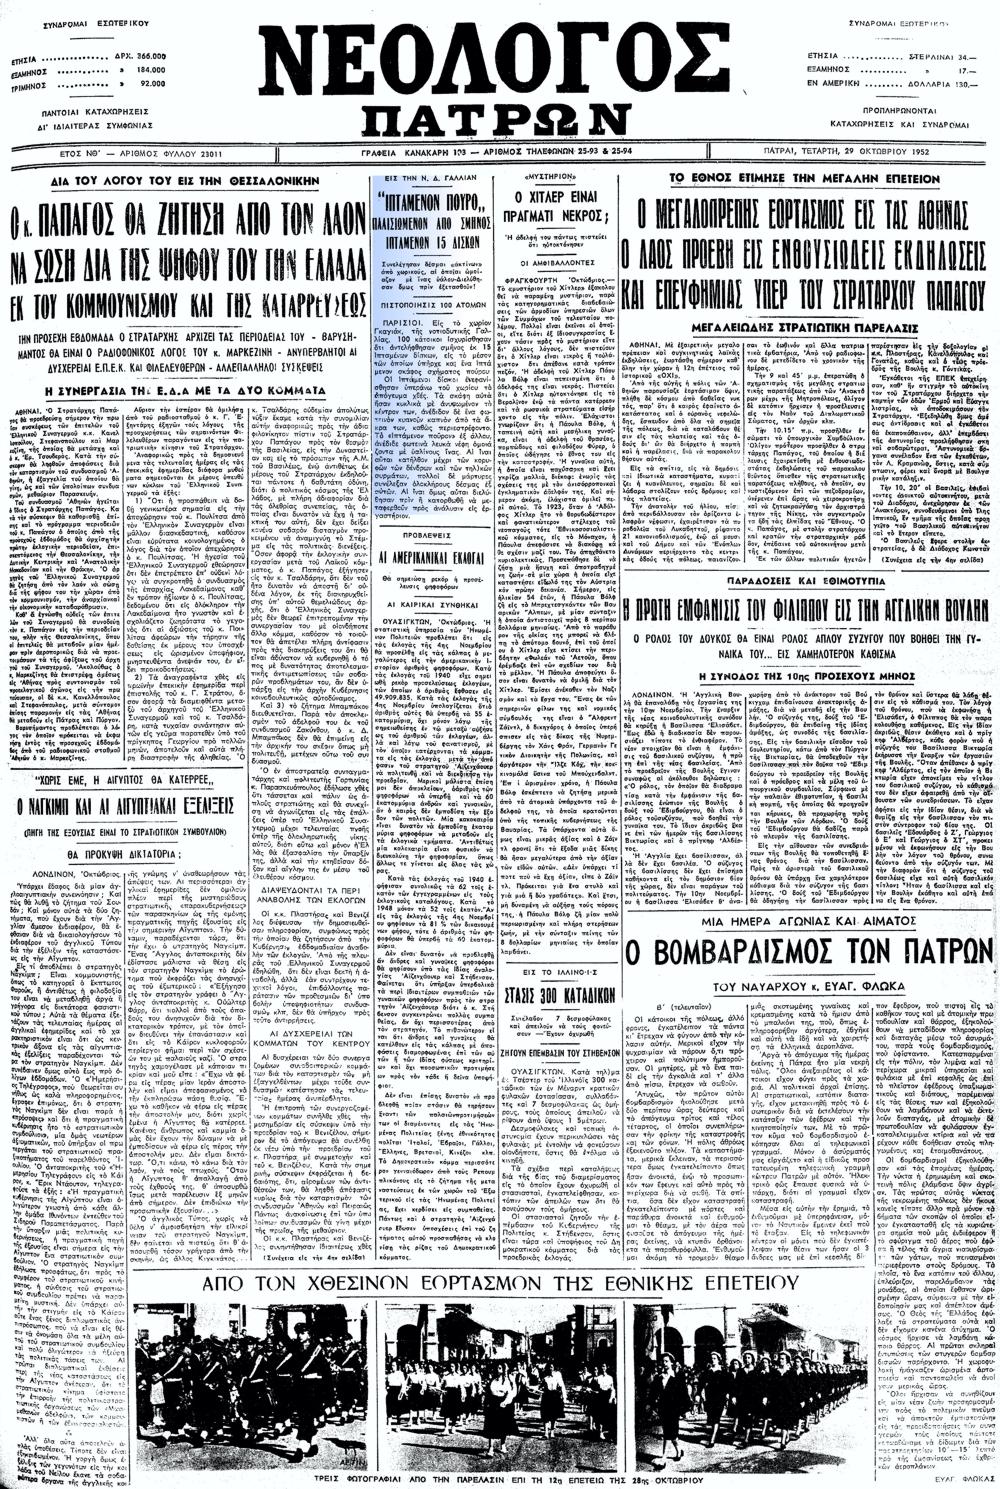 """Το άρθρο, όπως δημοσιεύθηκε στην εφημερίδα """"ΝΕΟΛΟΓΟΣ ΠΑΤΡΩΝ"""", στις 29/10/1952"""